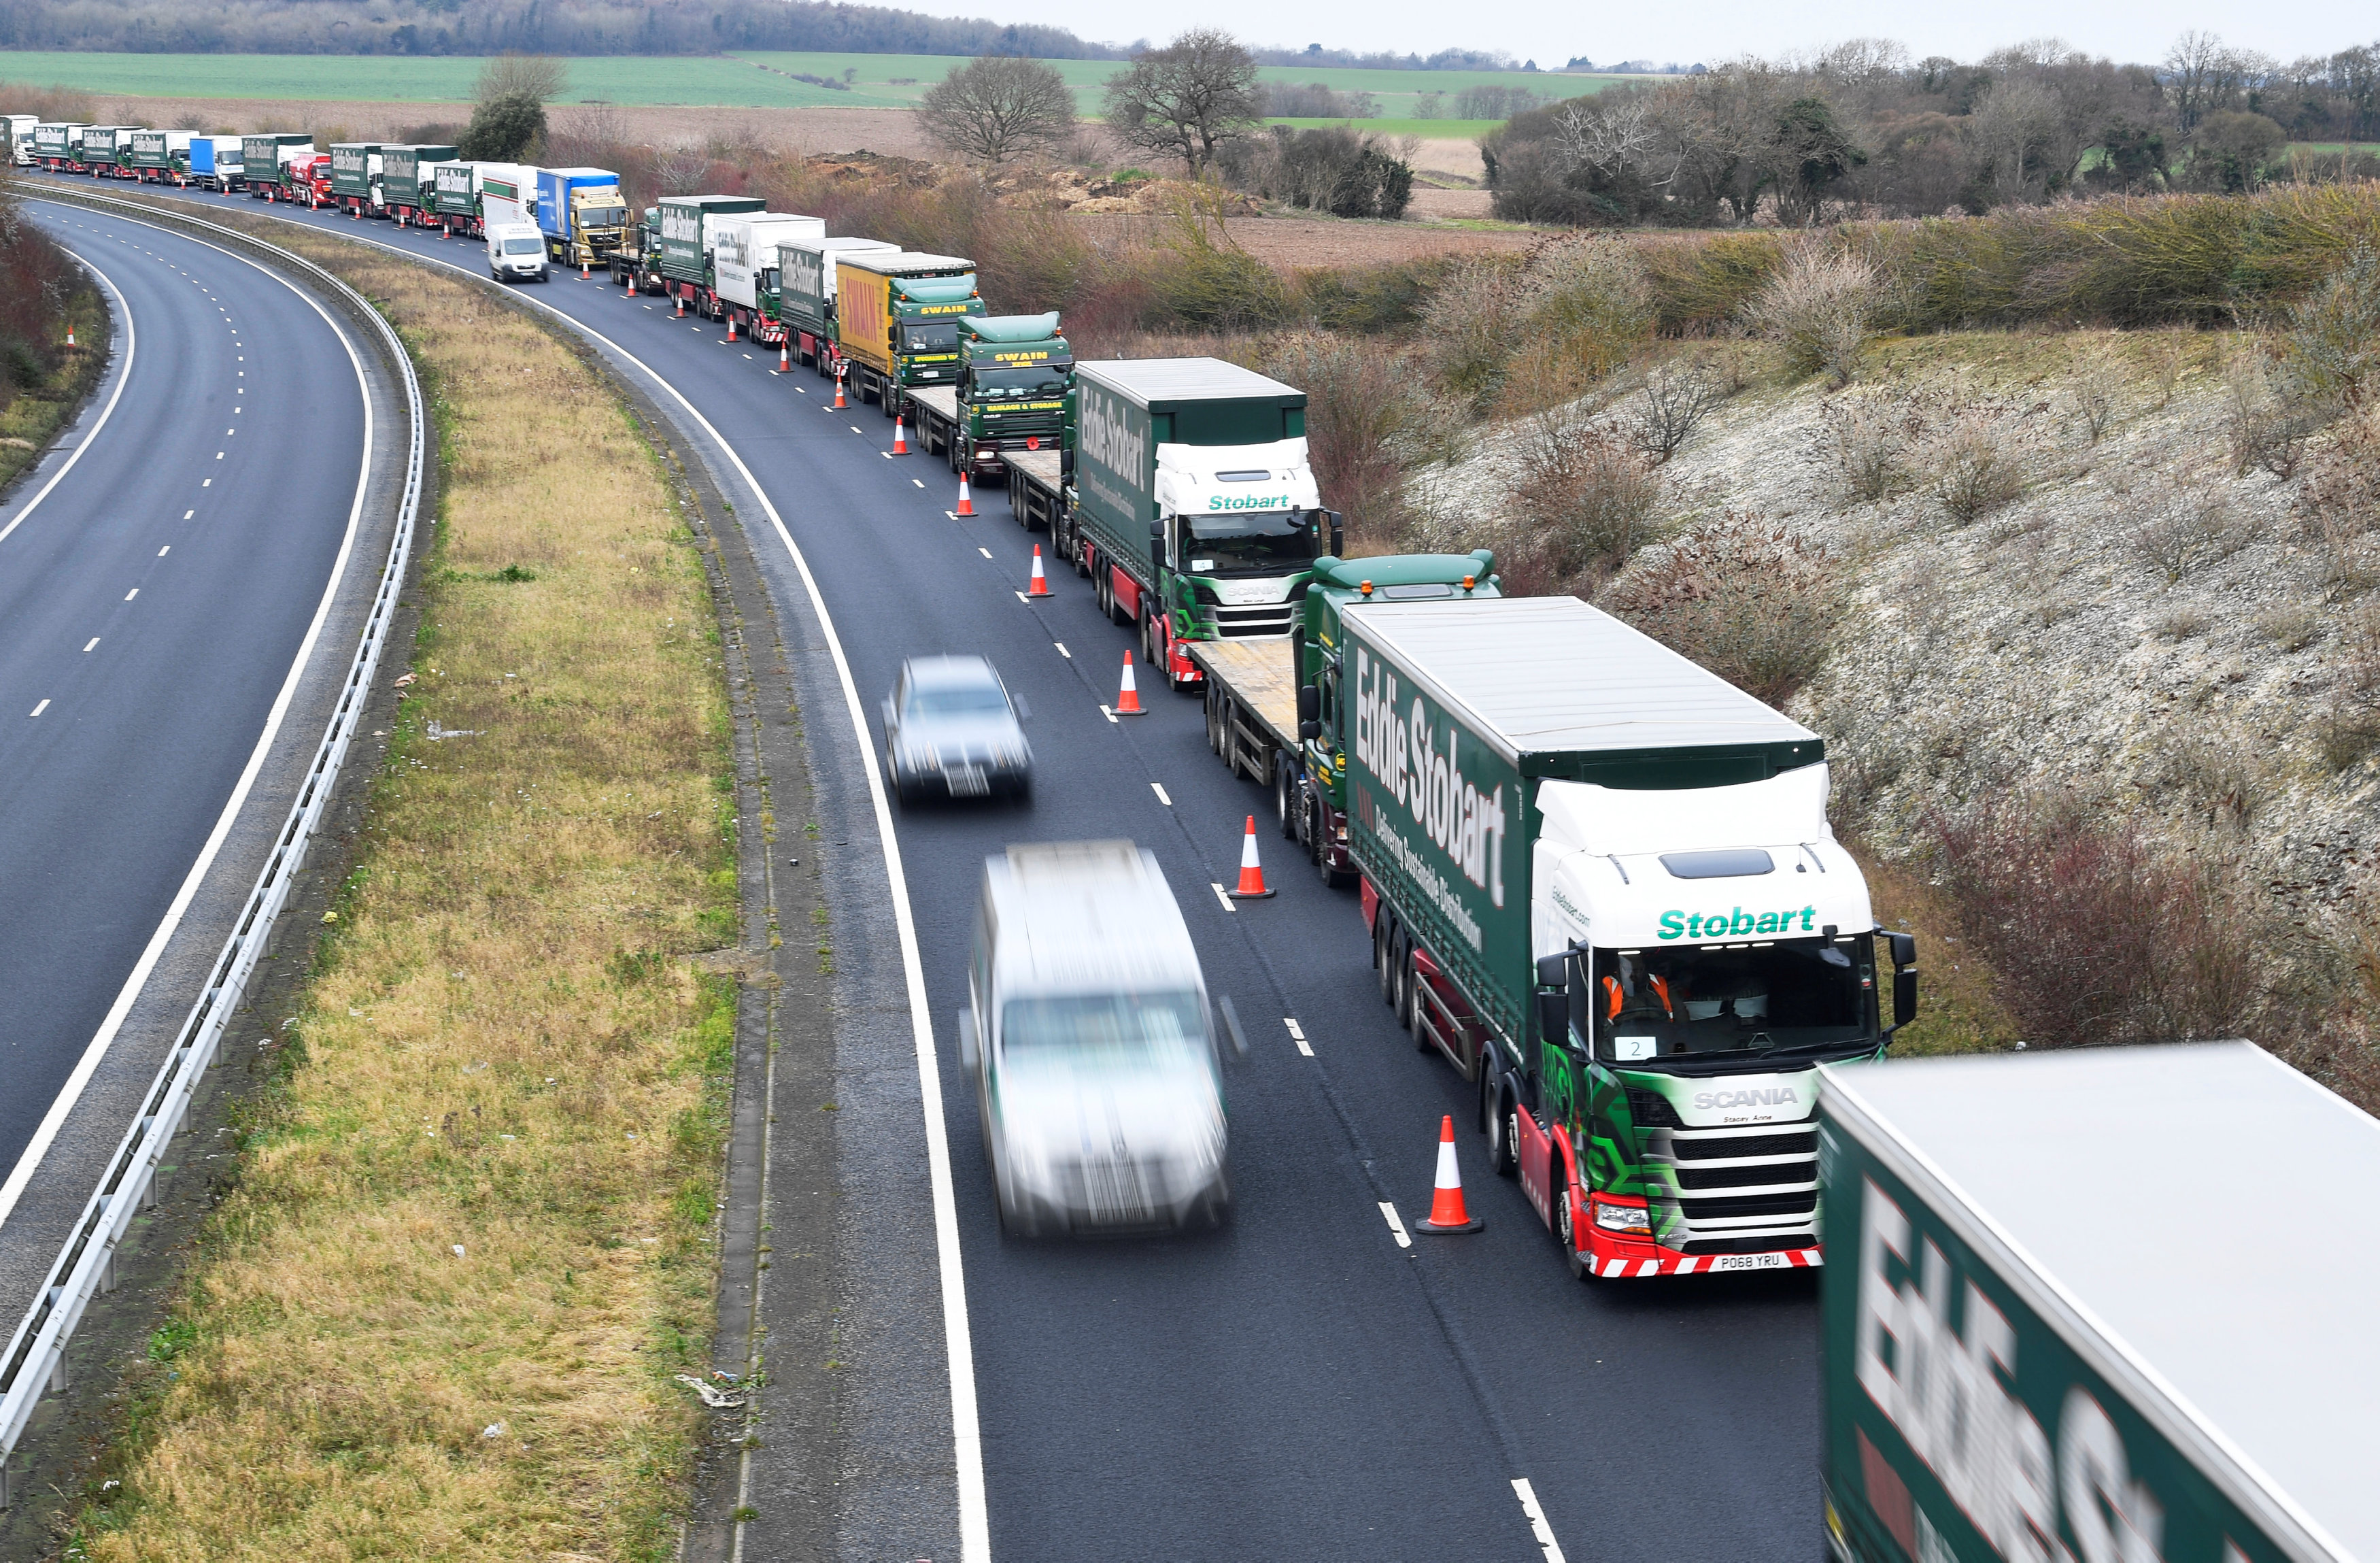 El Ejecutivo británico planea utilizar este antiguo aeródromo como zona de retención de camiones a fin de evitar la saturación de las carreteras que acceden a los principales puertos